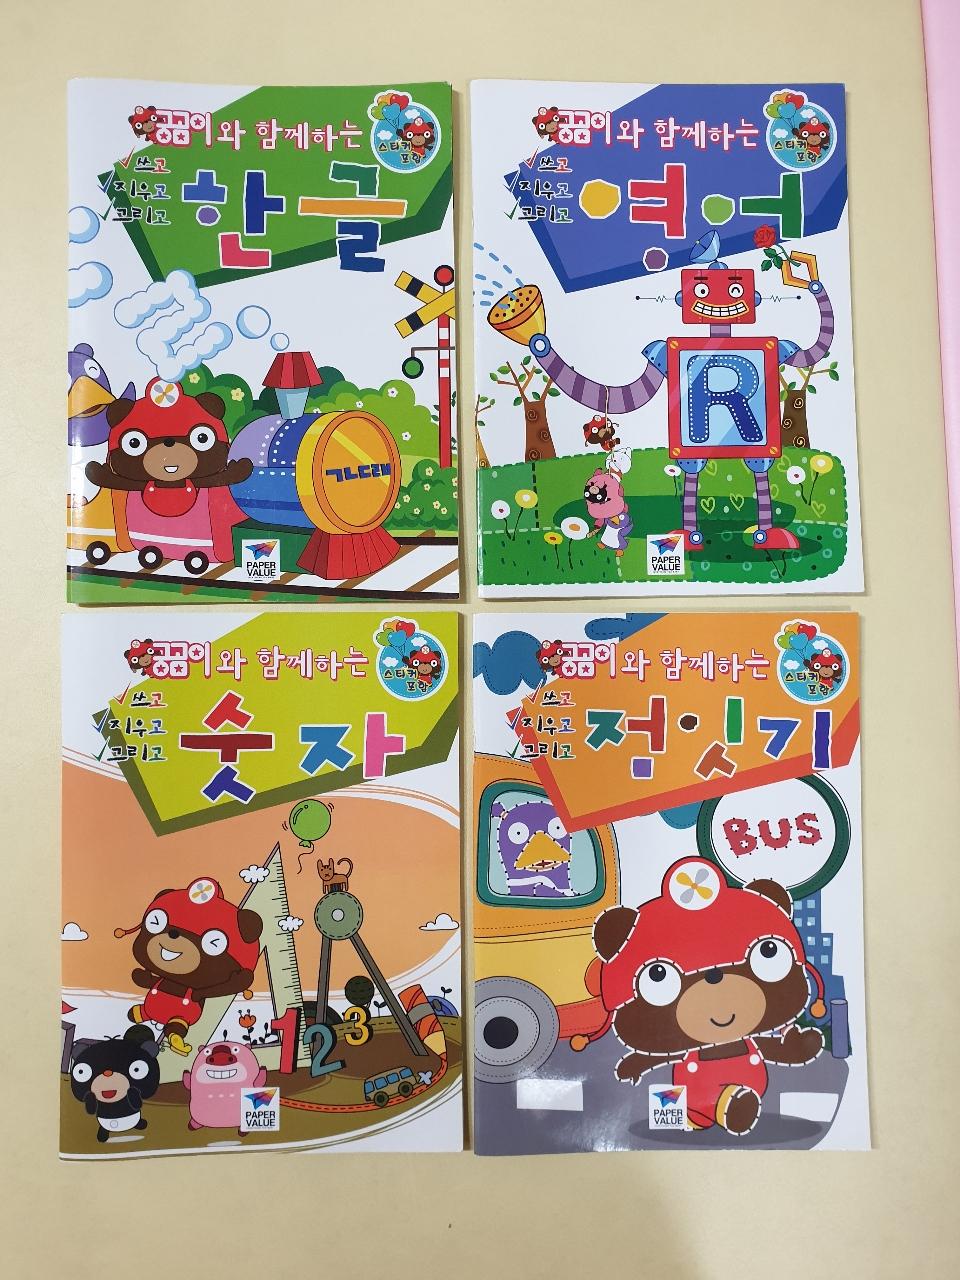 유아 학습 - 쓰고, 지우고, 그릴 수 있는 책(?)